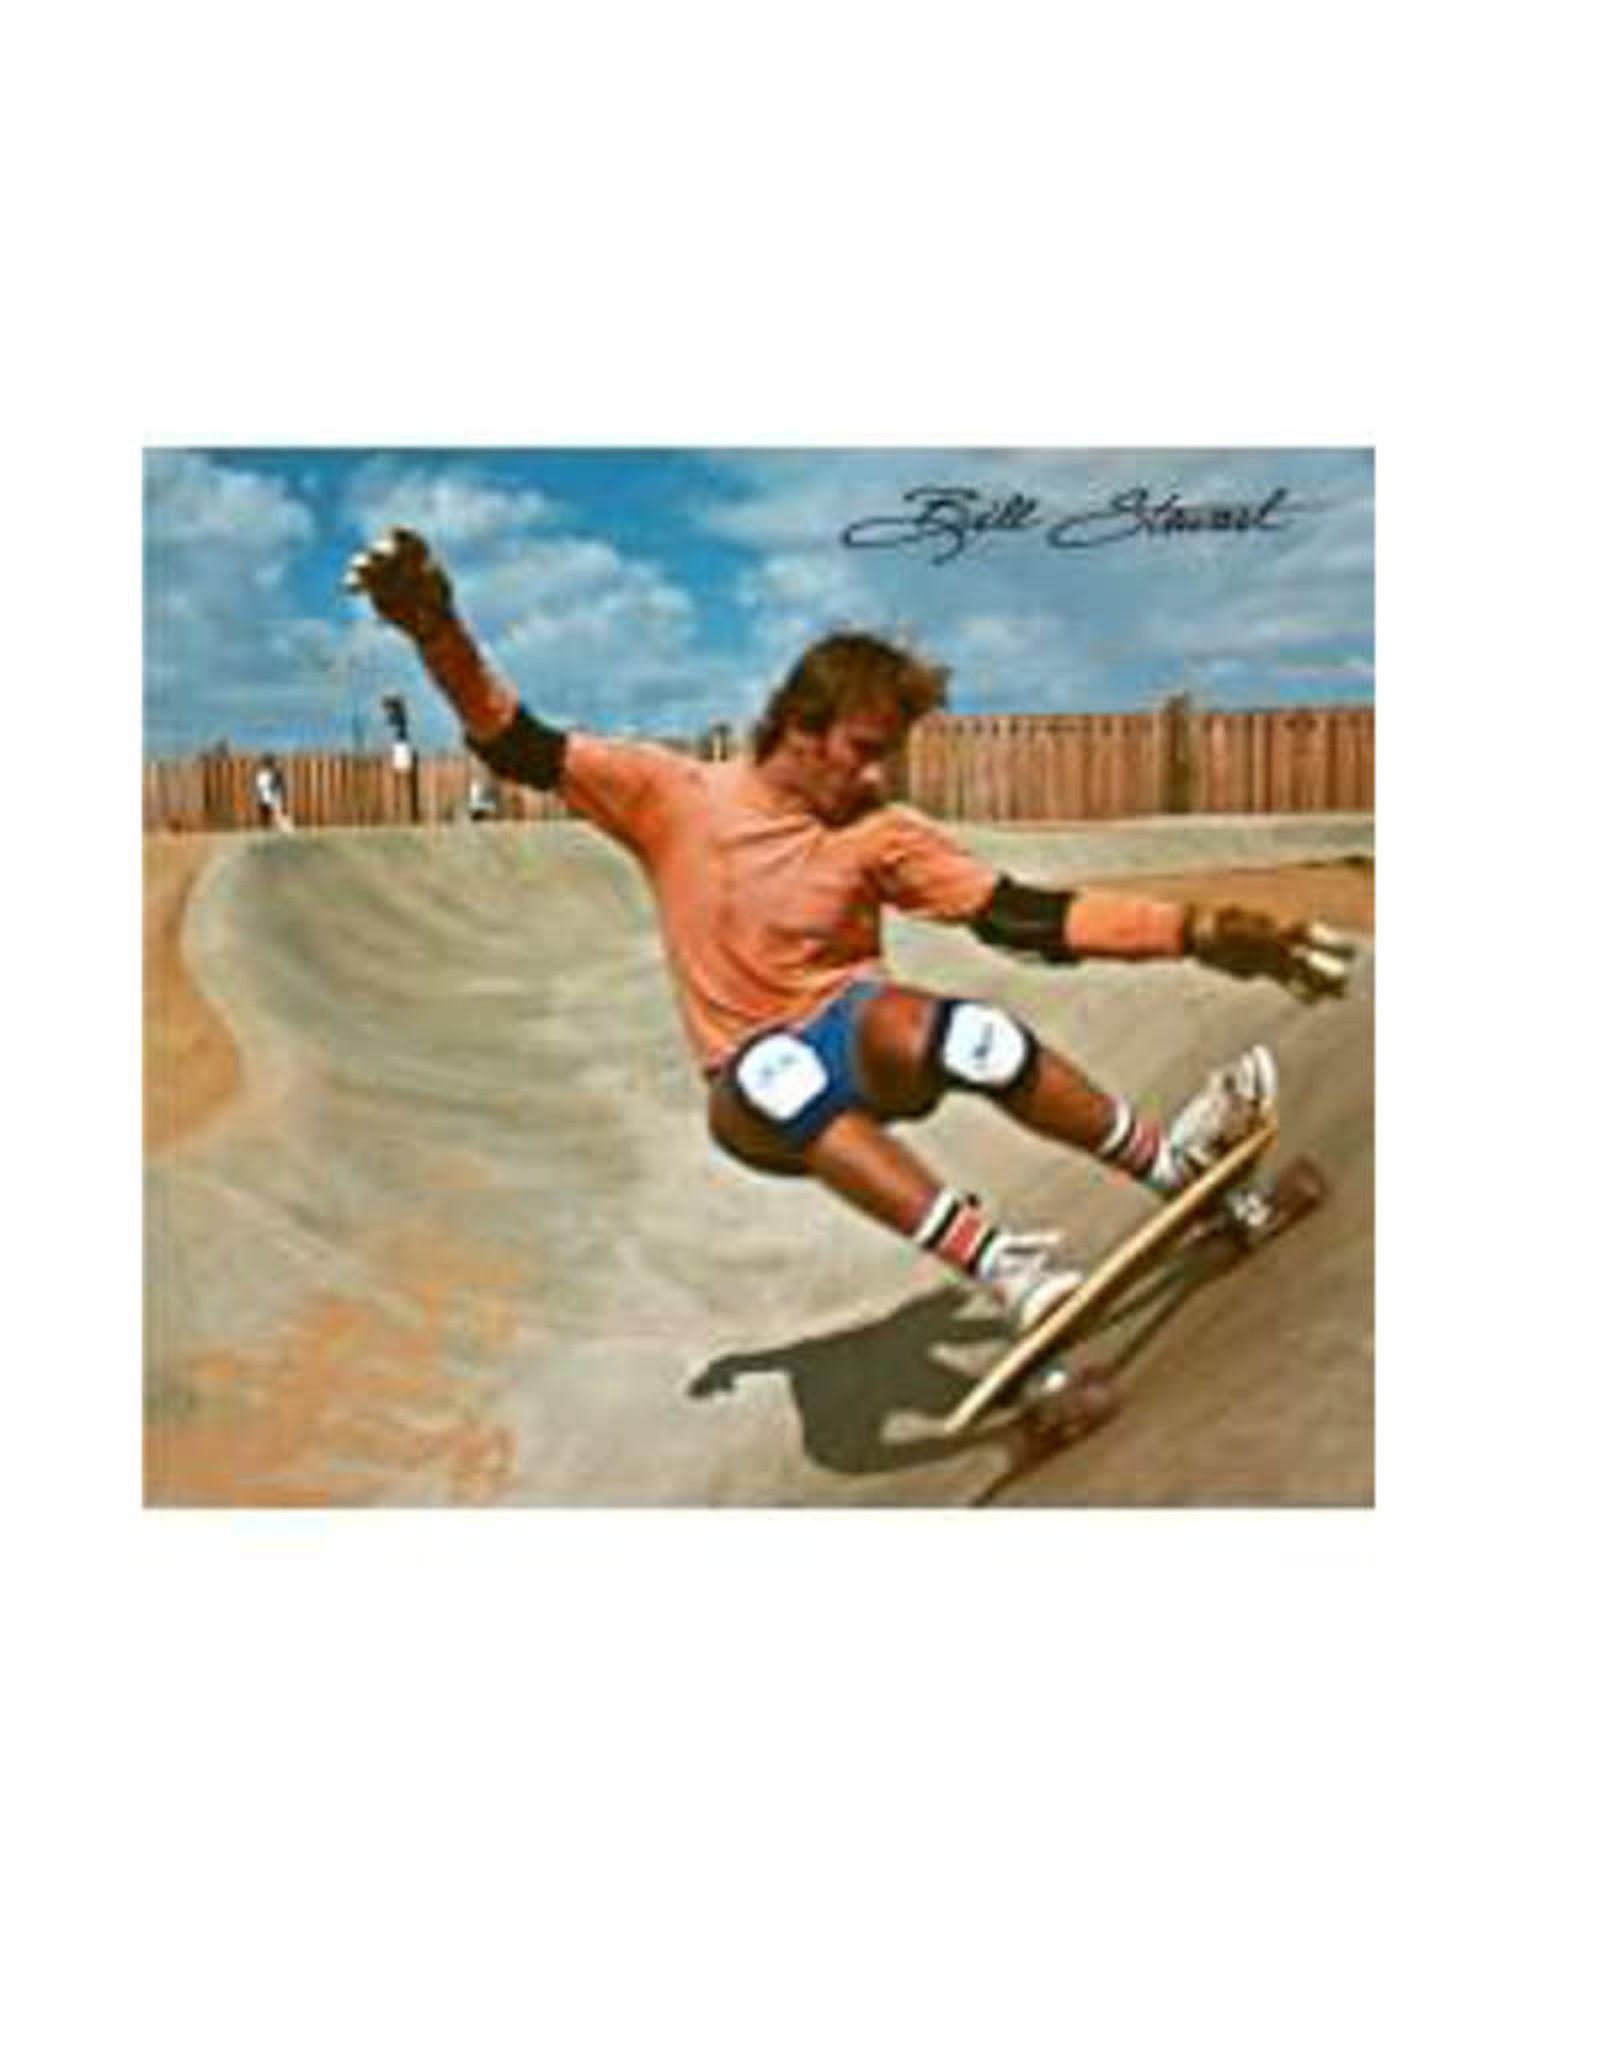 Flying Wheels Flying Wheels Skateboard Bill Stewart 28 teal Limited Edition Cruiser